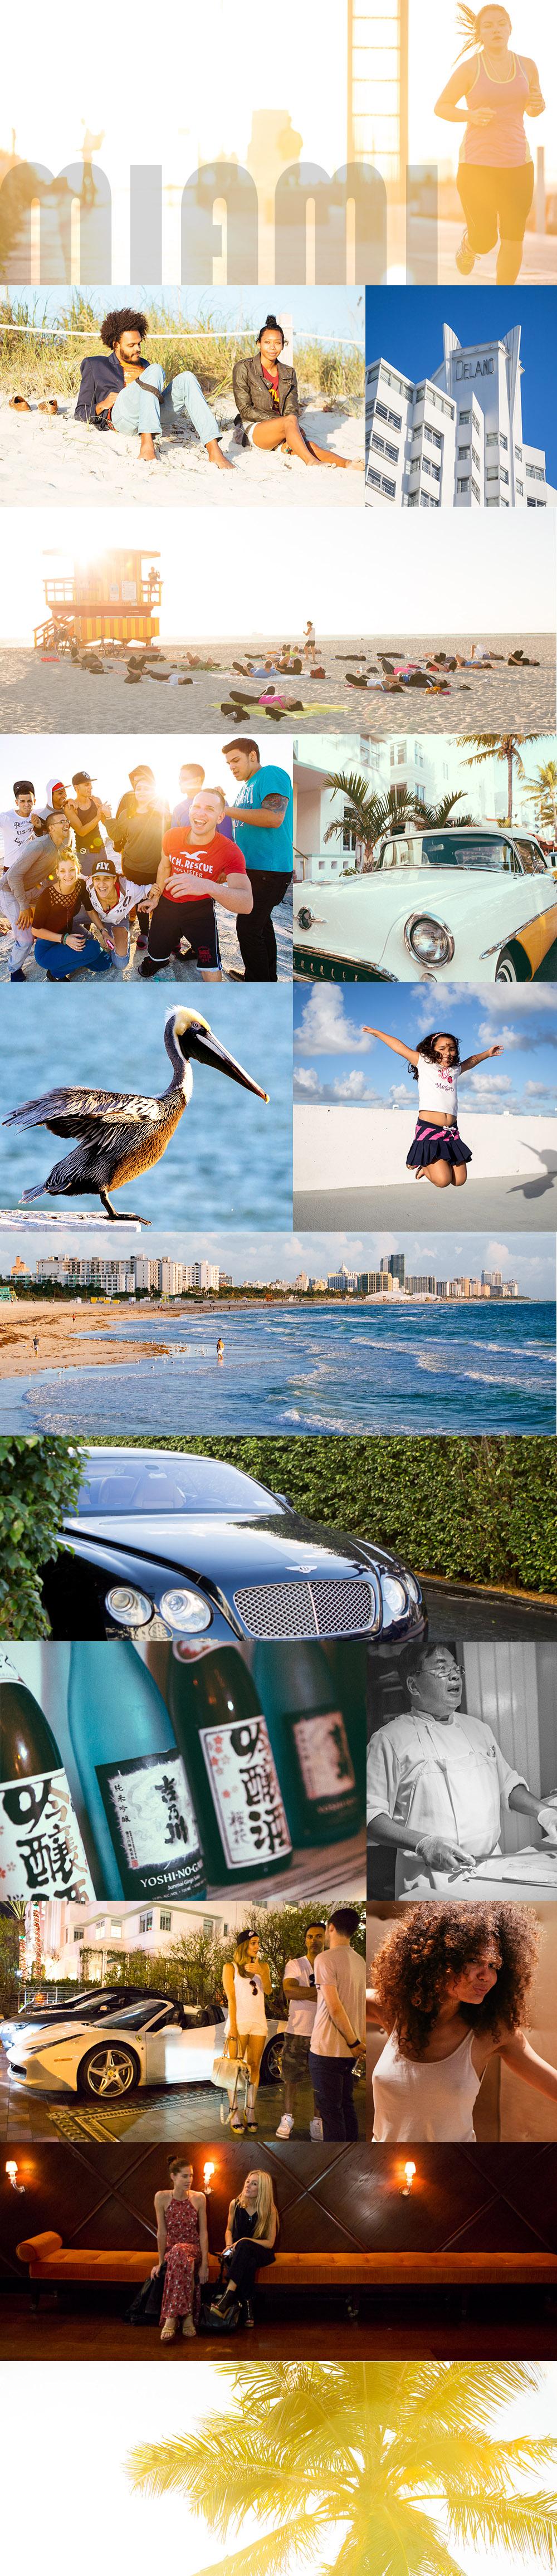 Miami_Story-V2.jpg